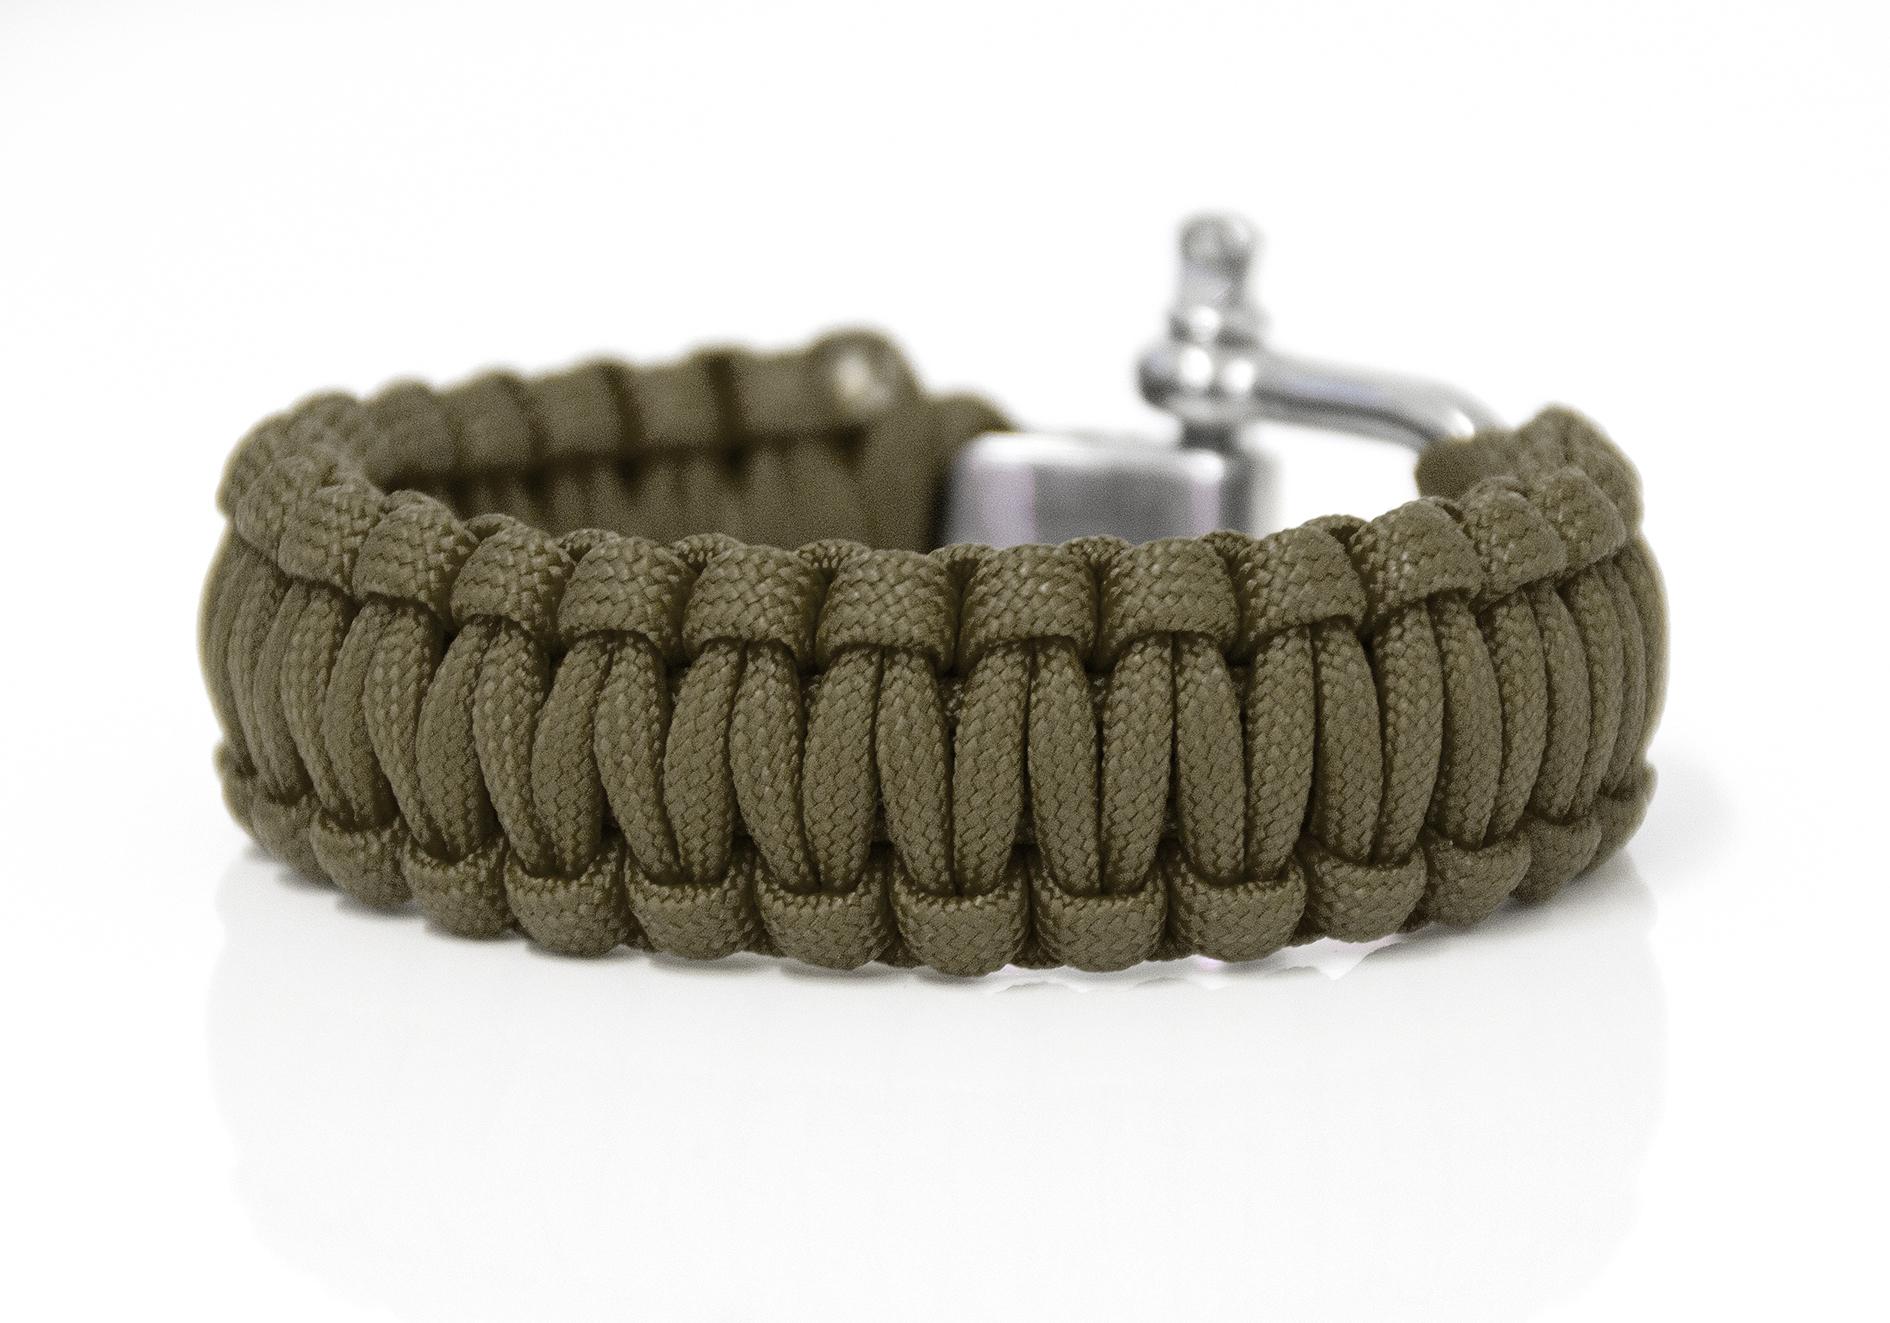 Häufig PARACORD Armband Ambänder flechten Camping Seil Flechtmaterial BS58